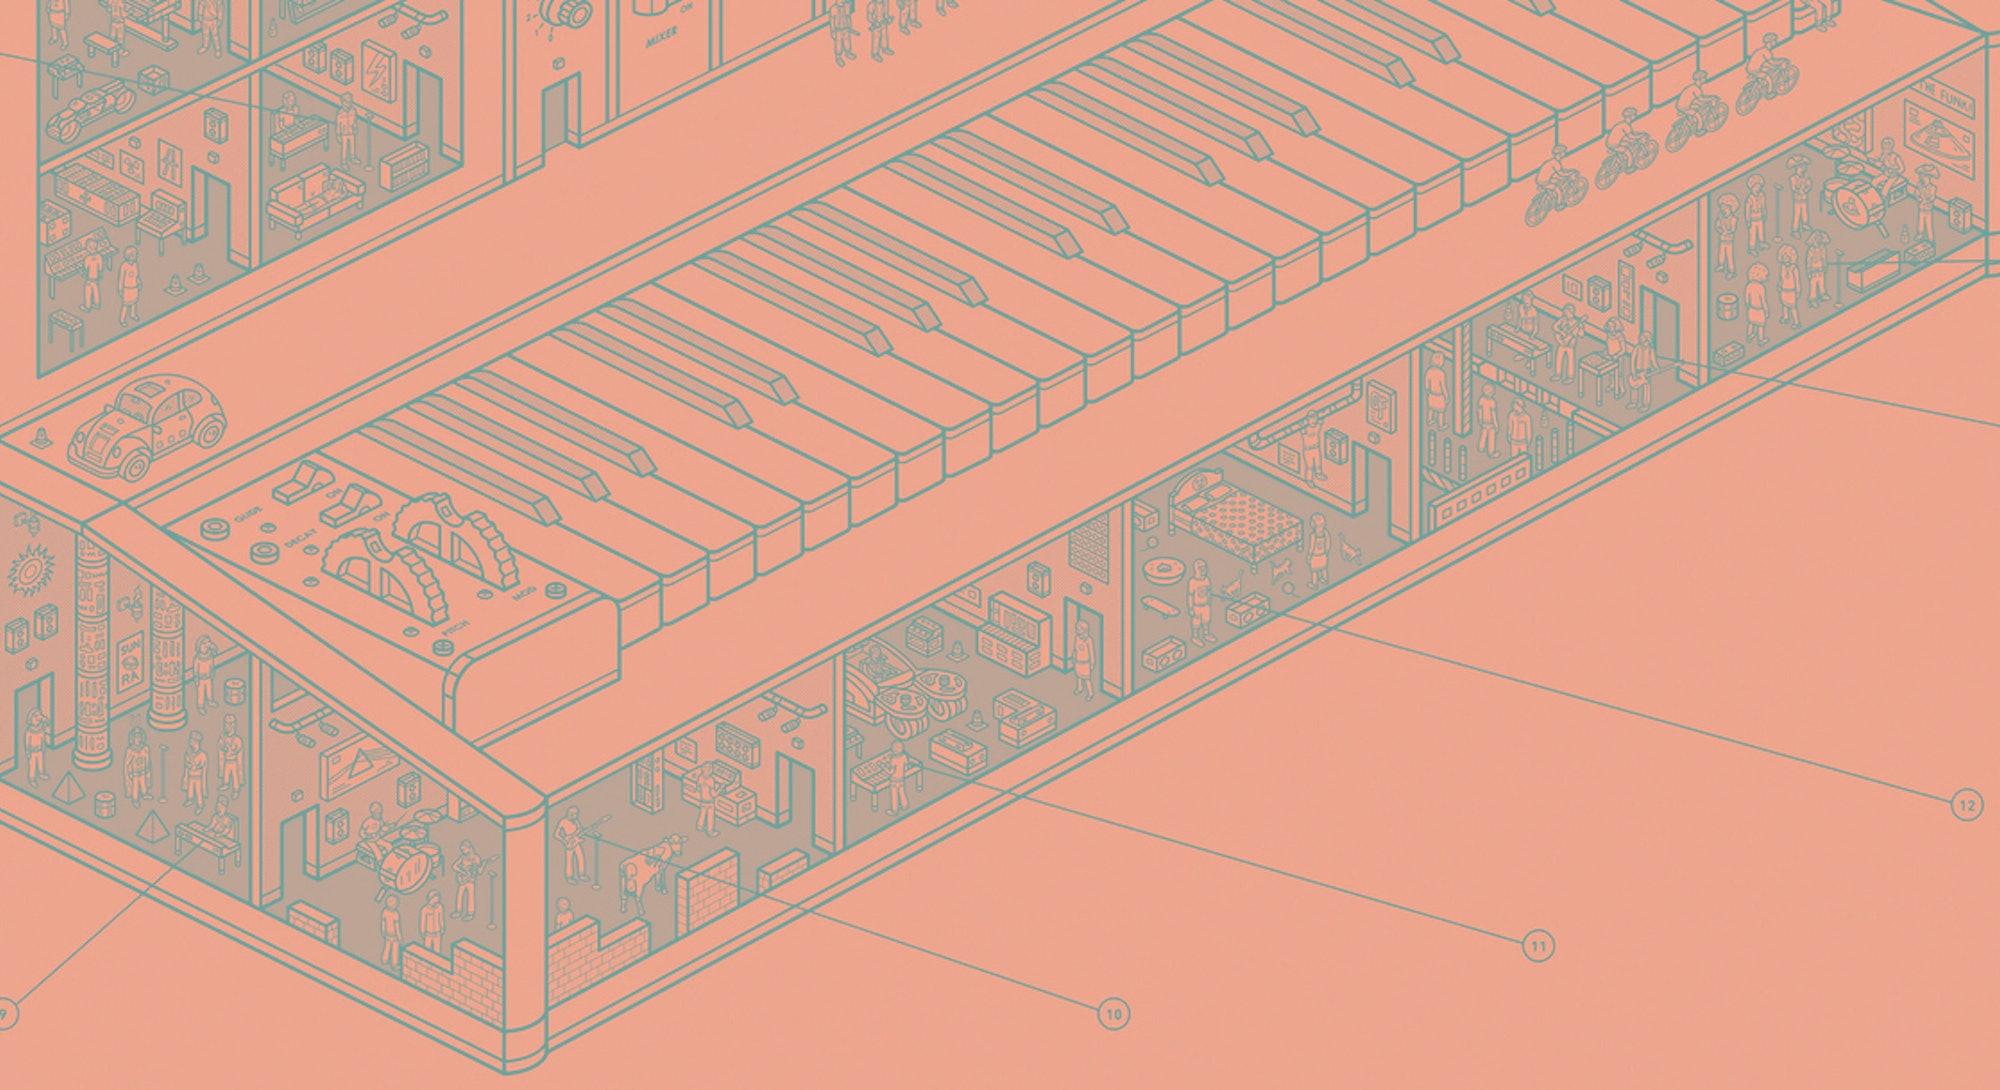 Cutaway illustration of a Moog synthesizer